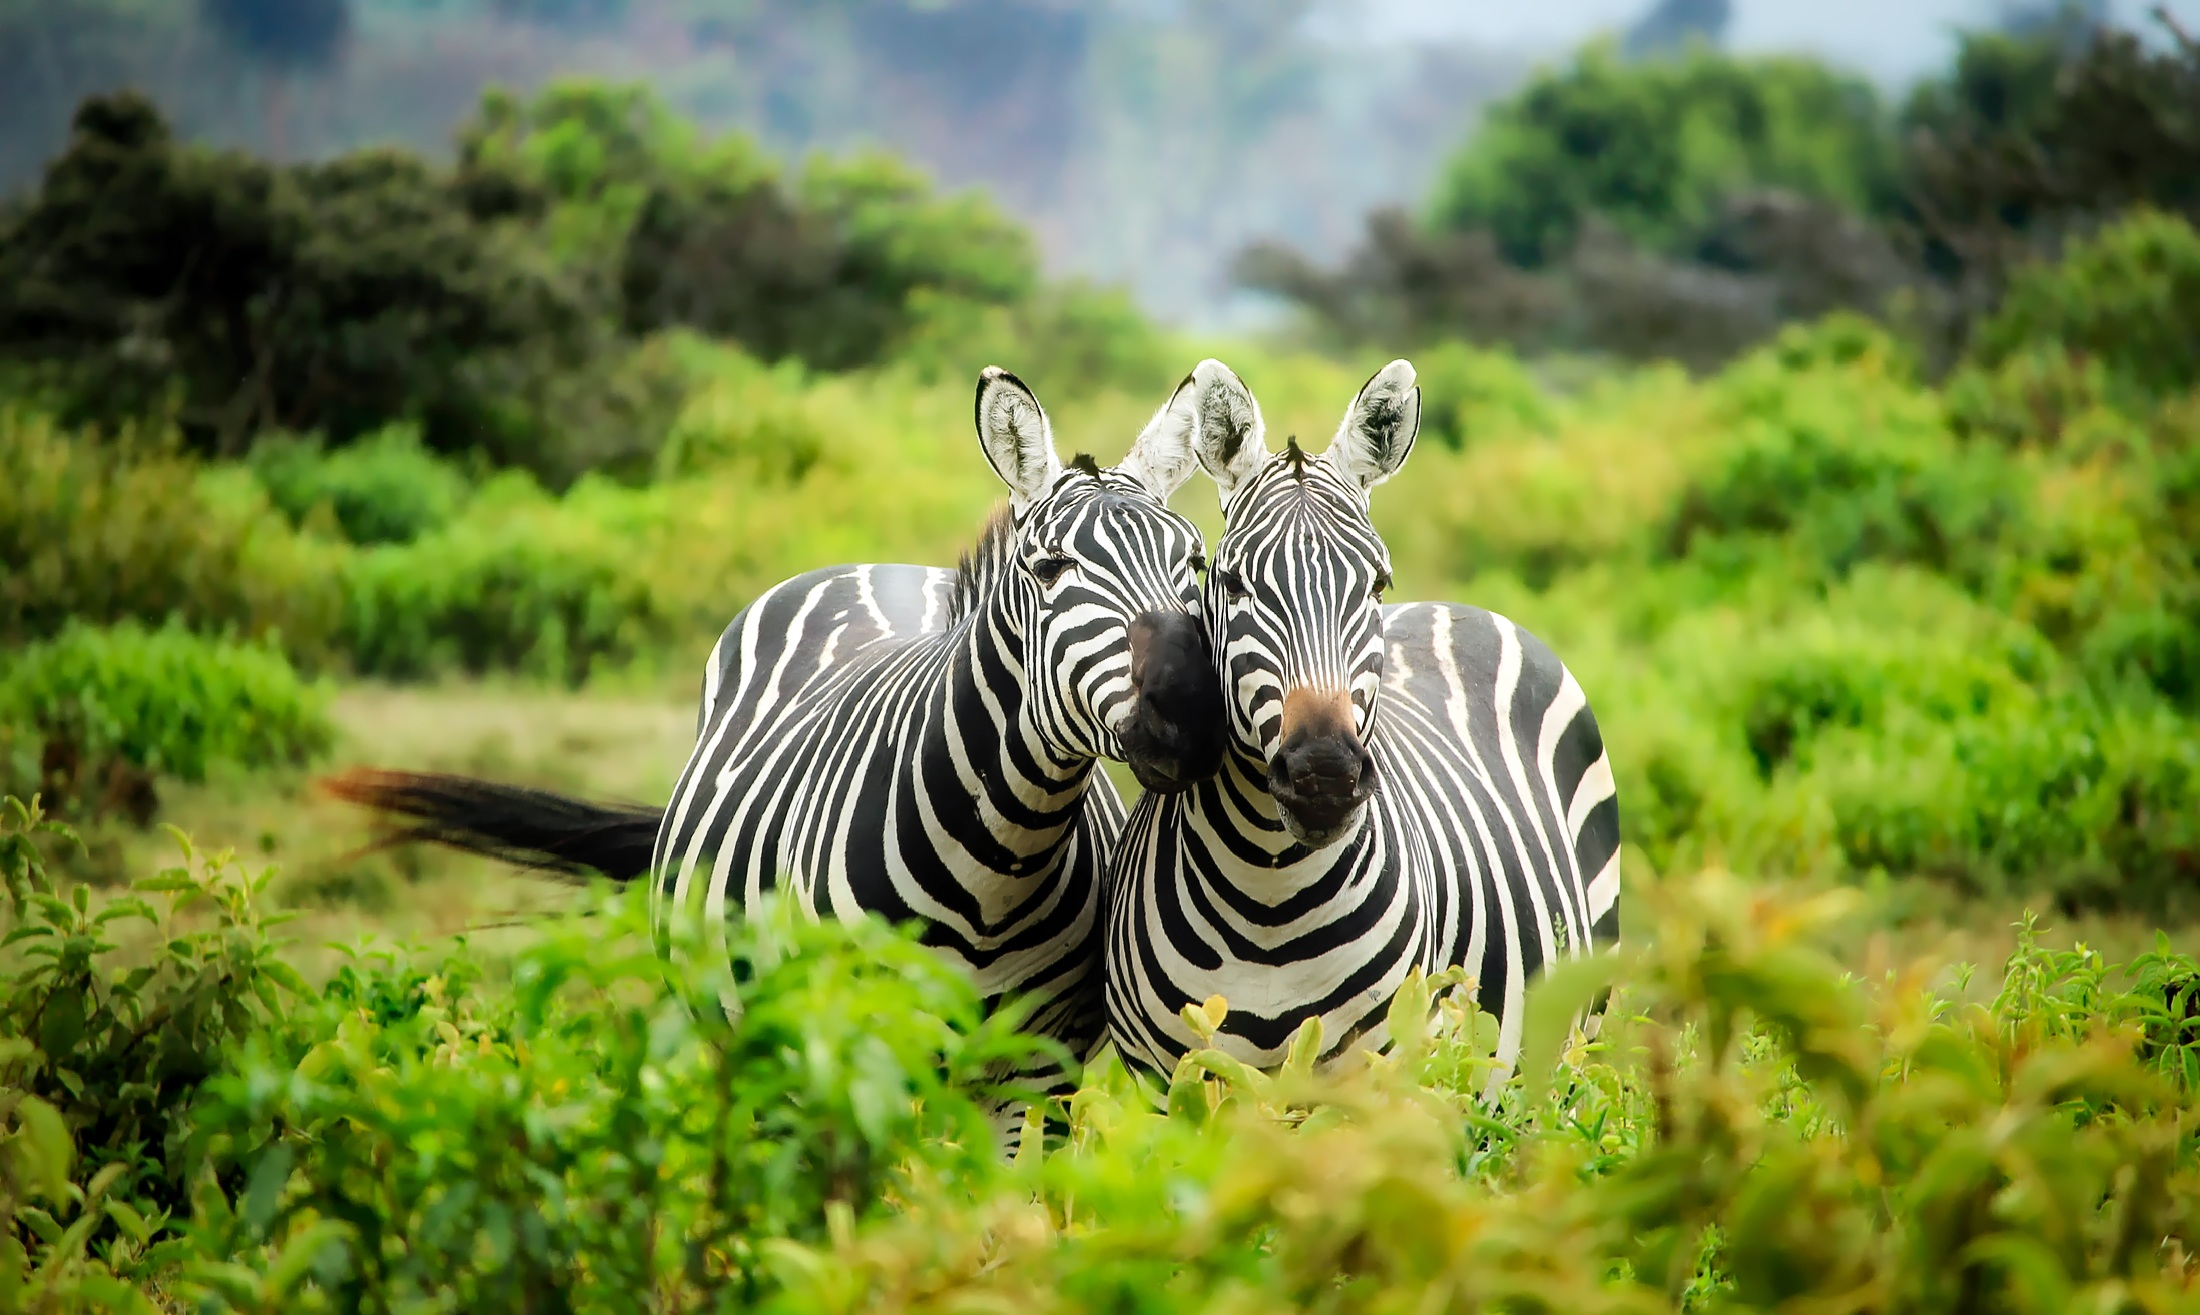 Zebras in Kenya - (Safari)